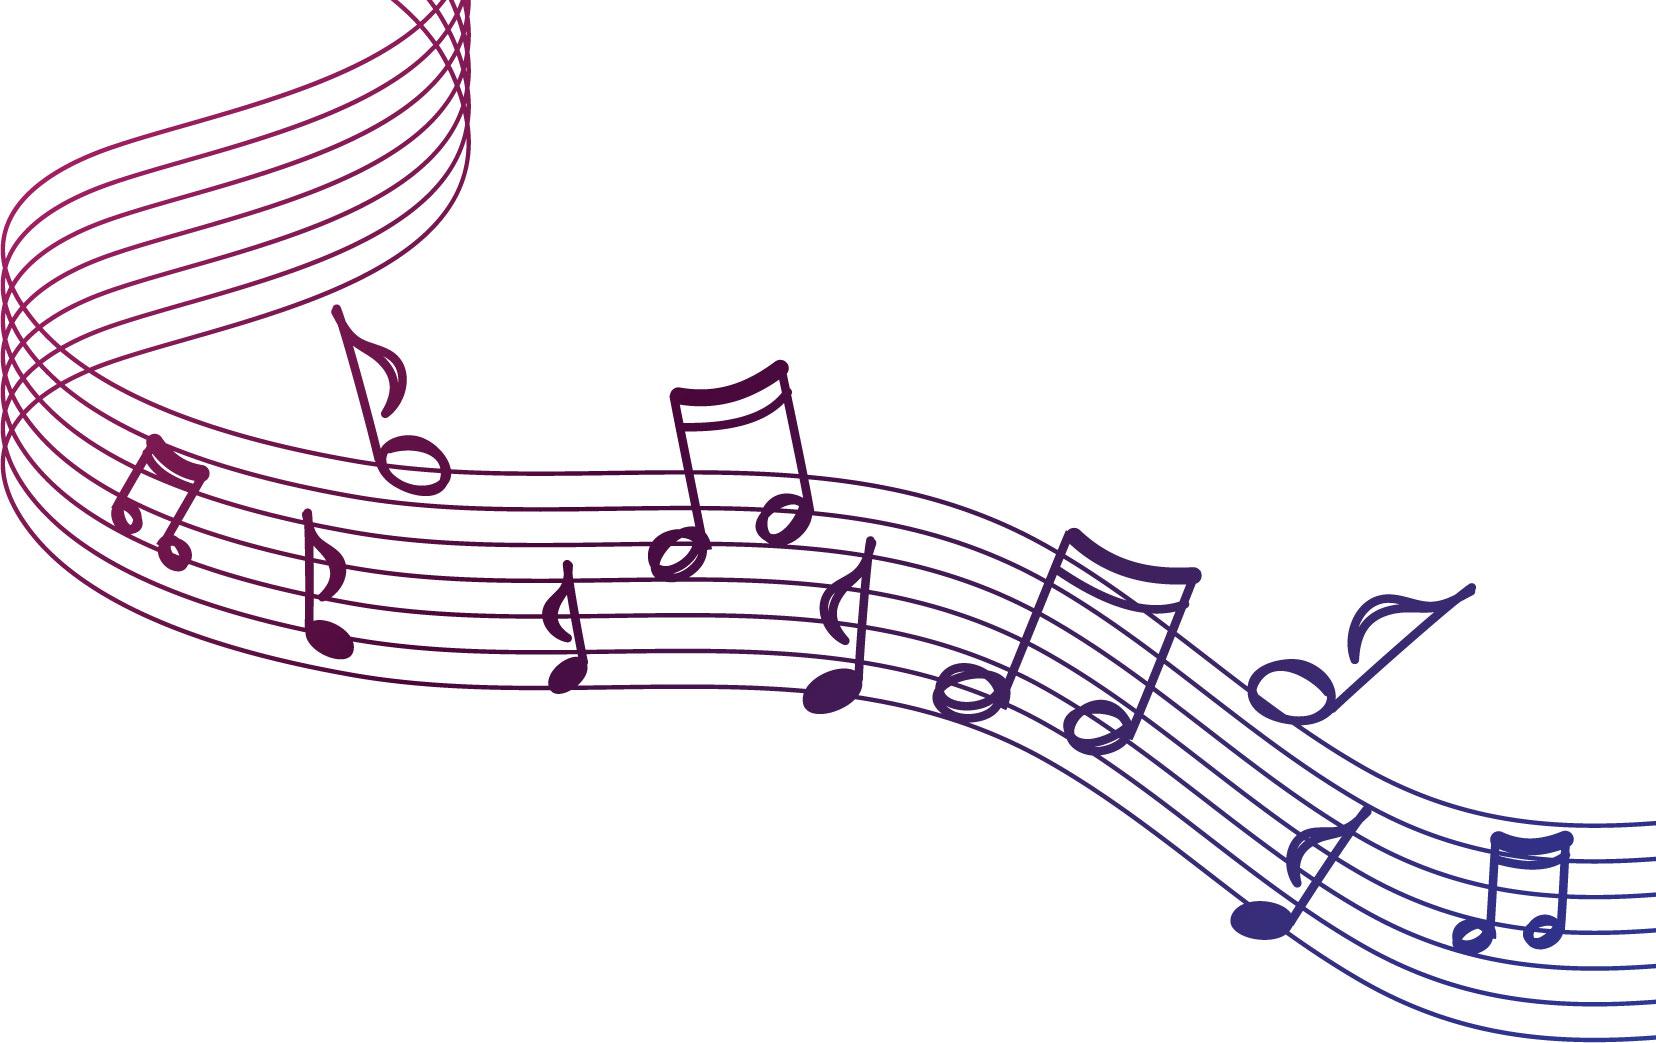 音符イラスト手書き風の楽譜と音符 無料のフリー素材